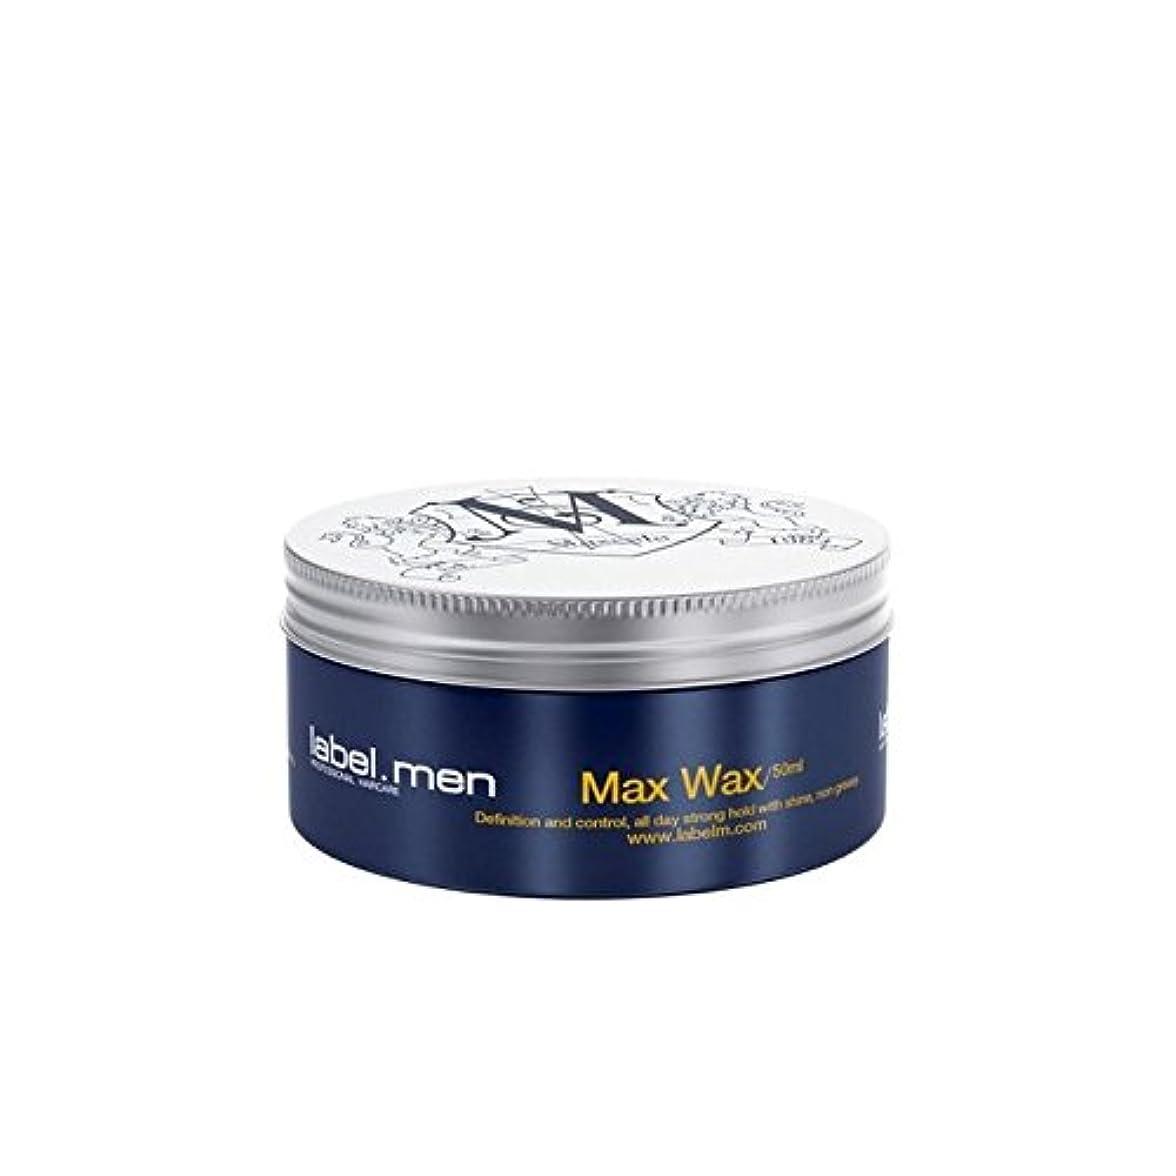 慢性的あえてうなずく.マックスワックス(50ミリリットル) x2 - Label.Men Max Wax (50ml) (Pack of 2) [並行輸入品]